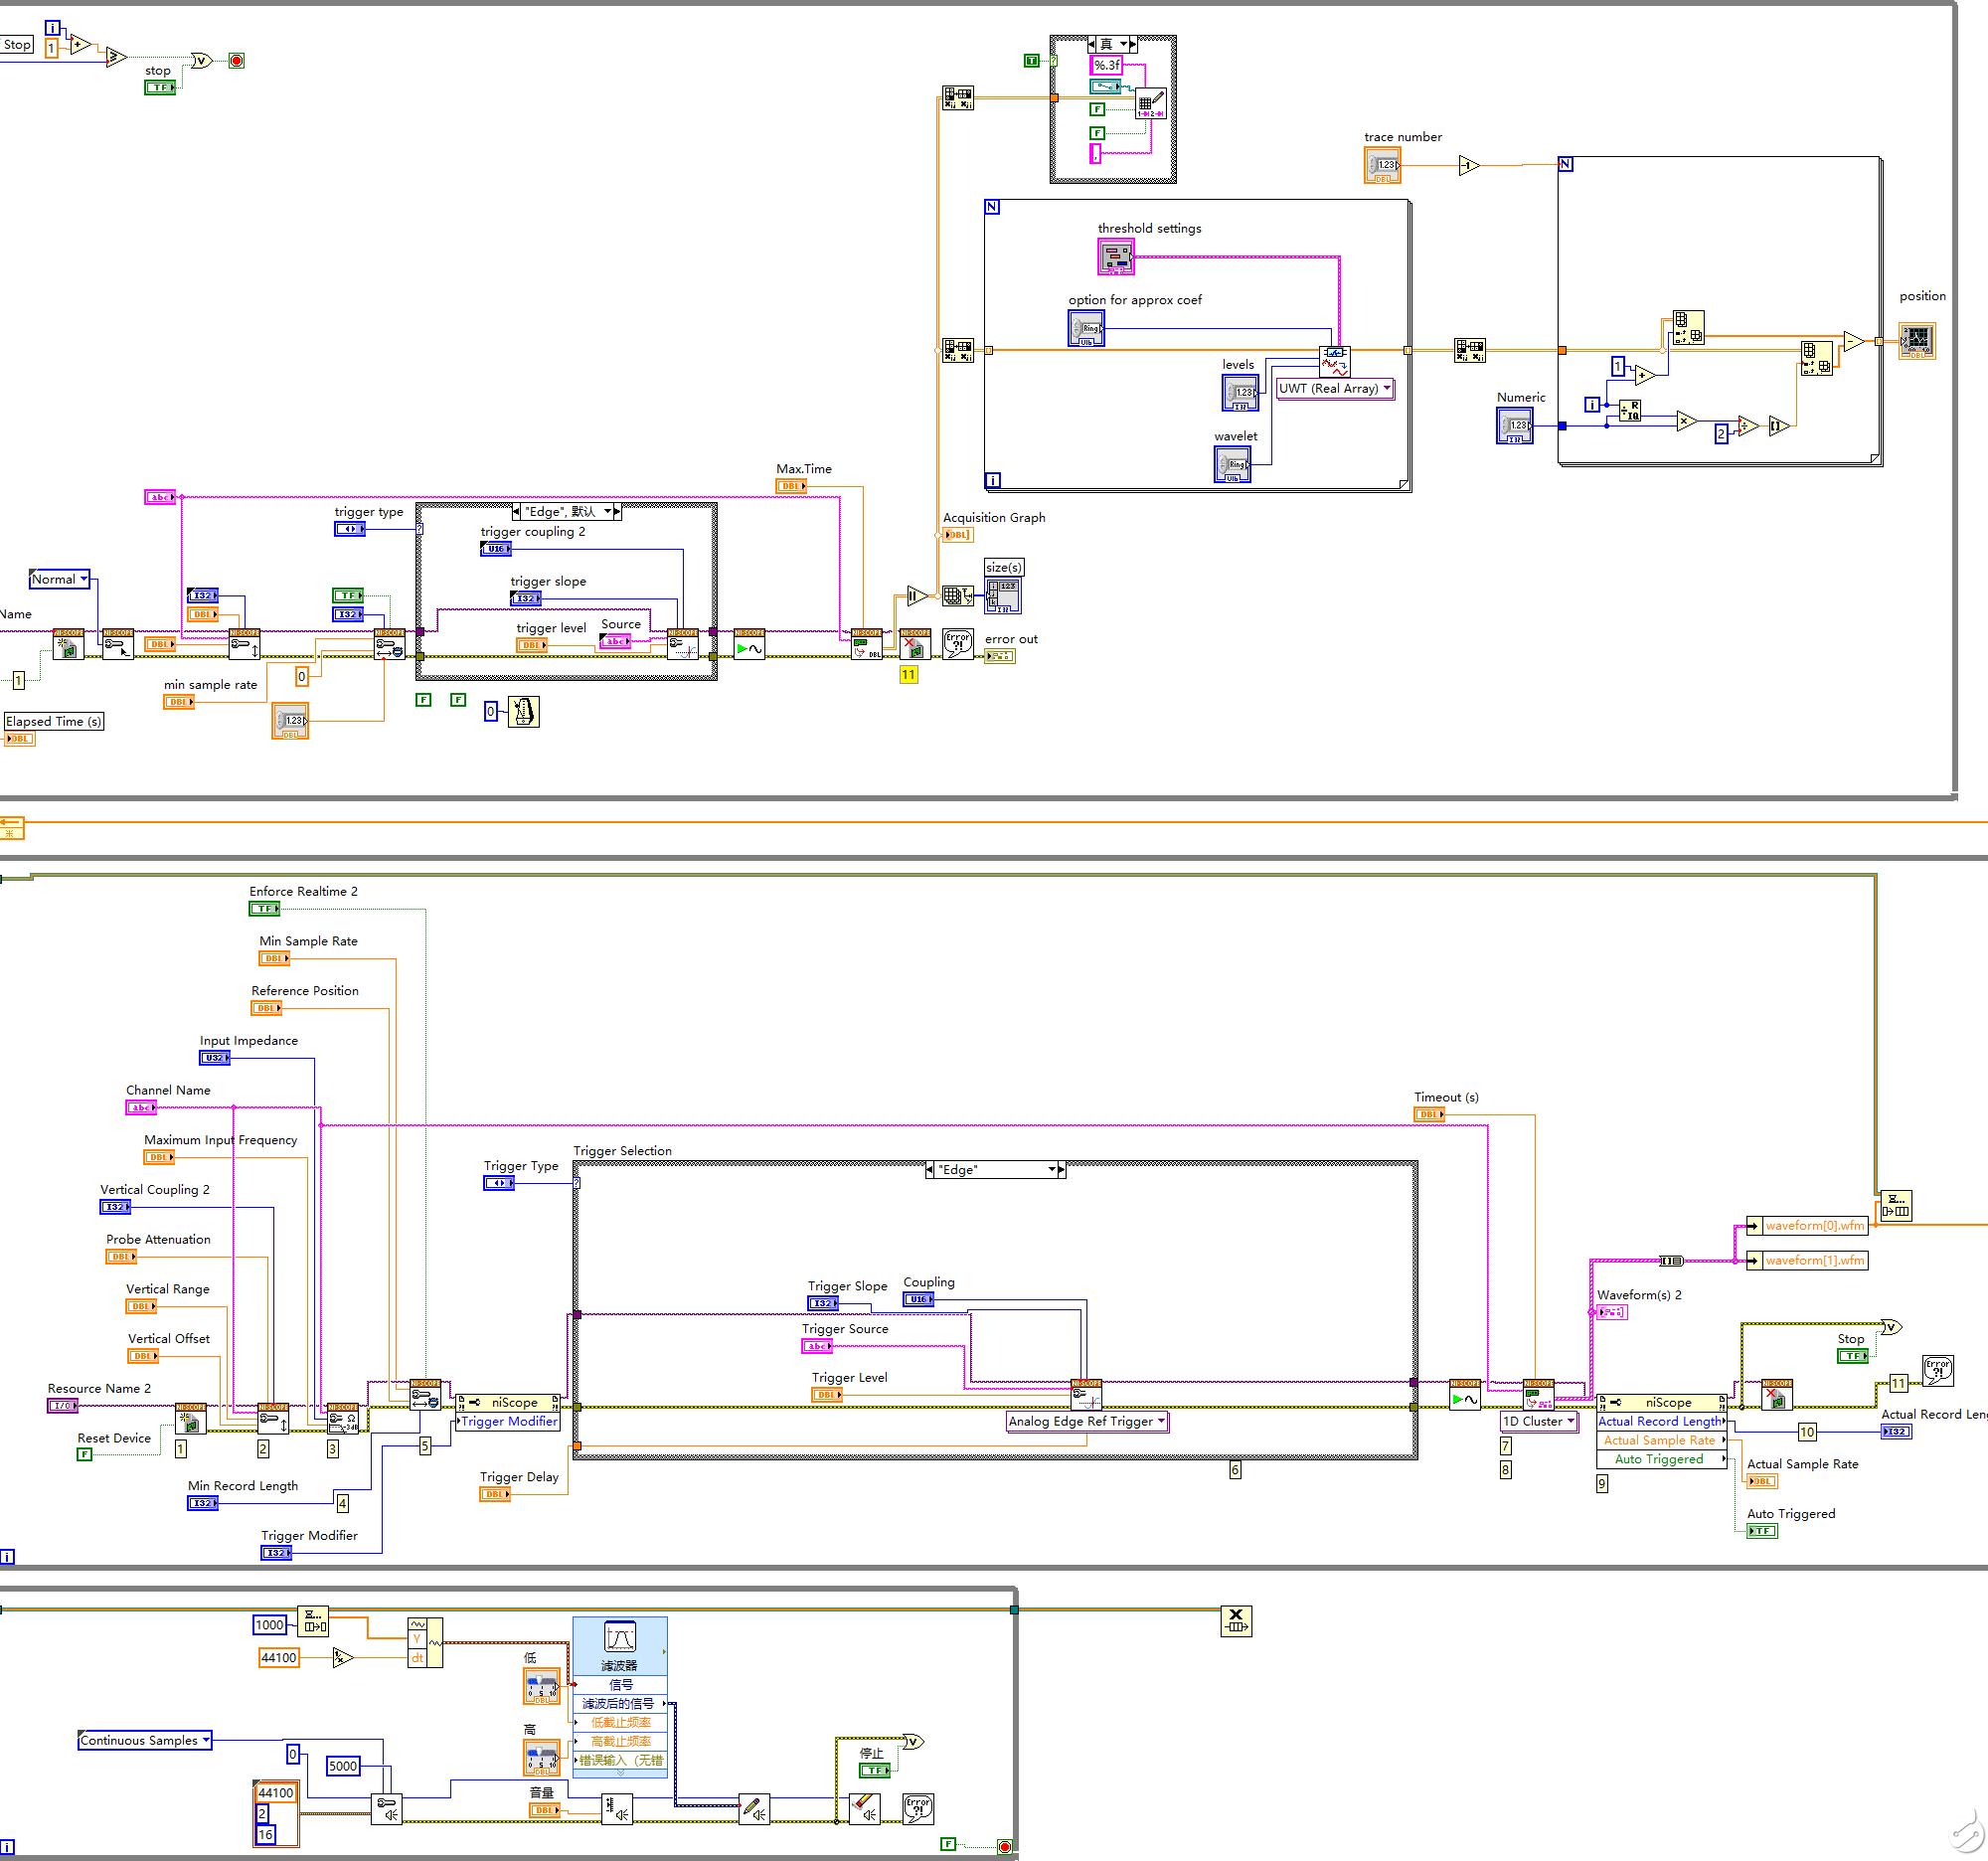 如何在labview中同时运行两个while循环程序?两个程序共用一个采集卡